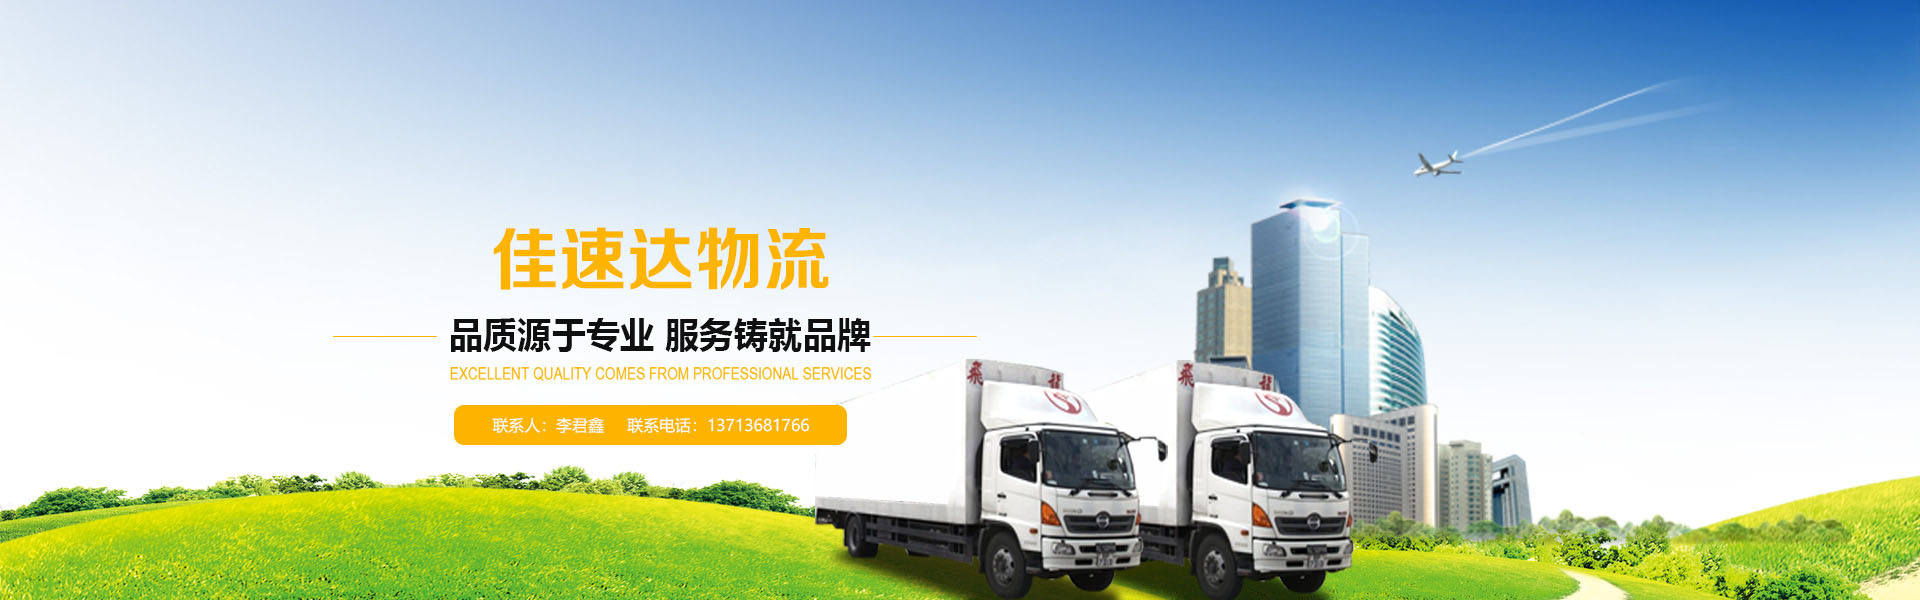 有广州花都到山东菏泽整车大件运输